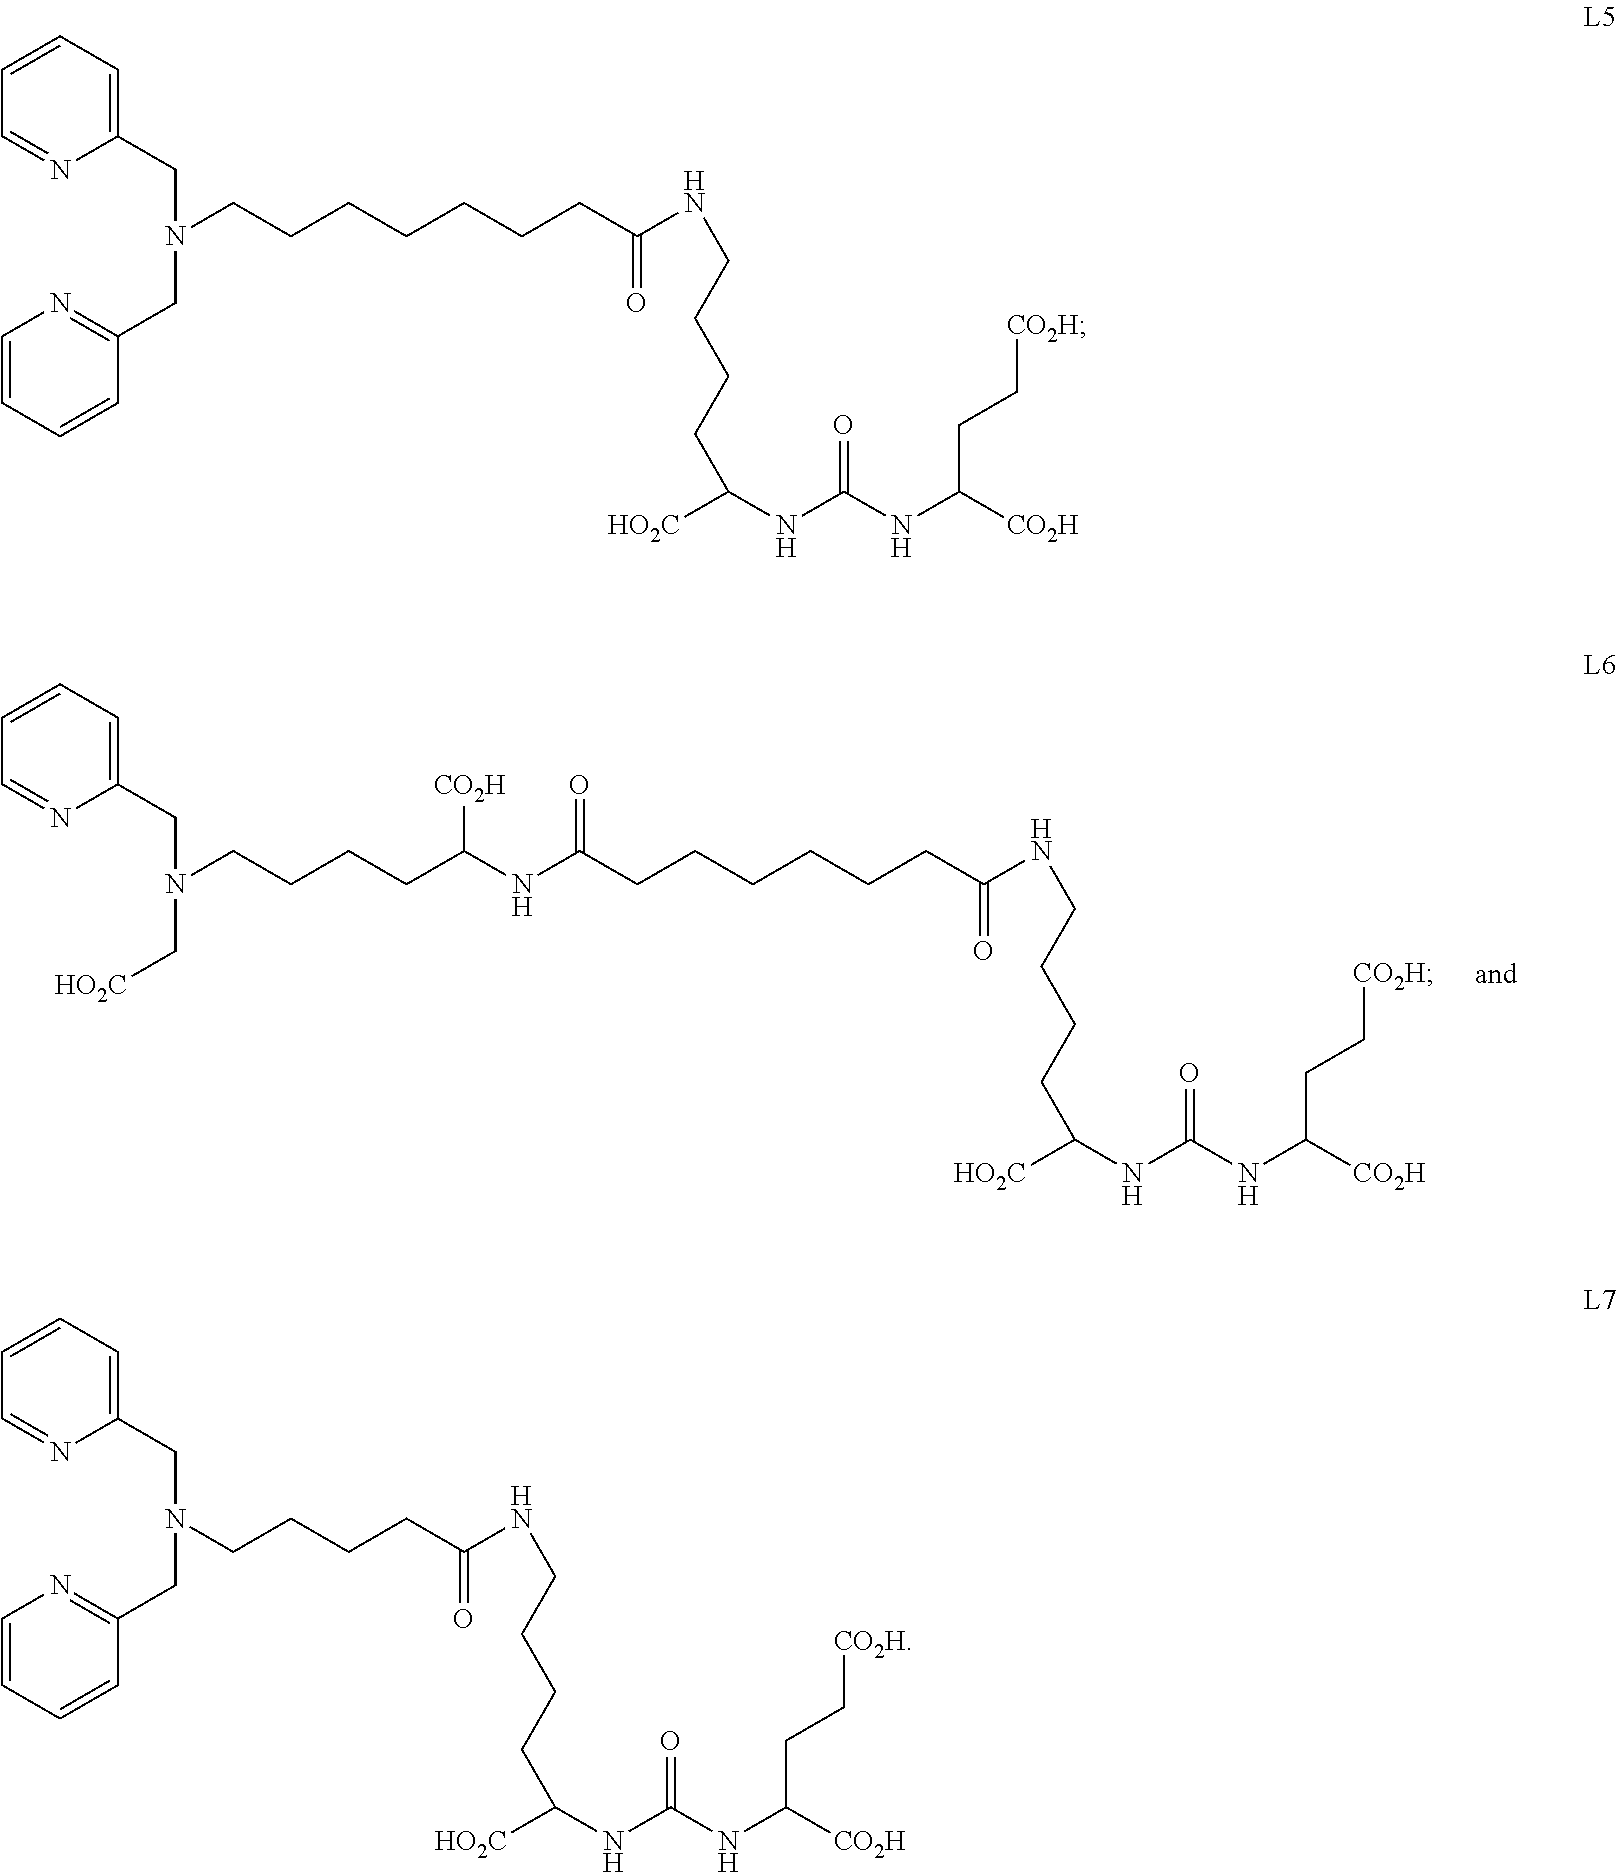 Figure US09694091-20170704-C00016